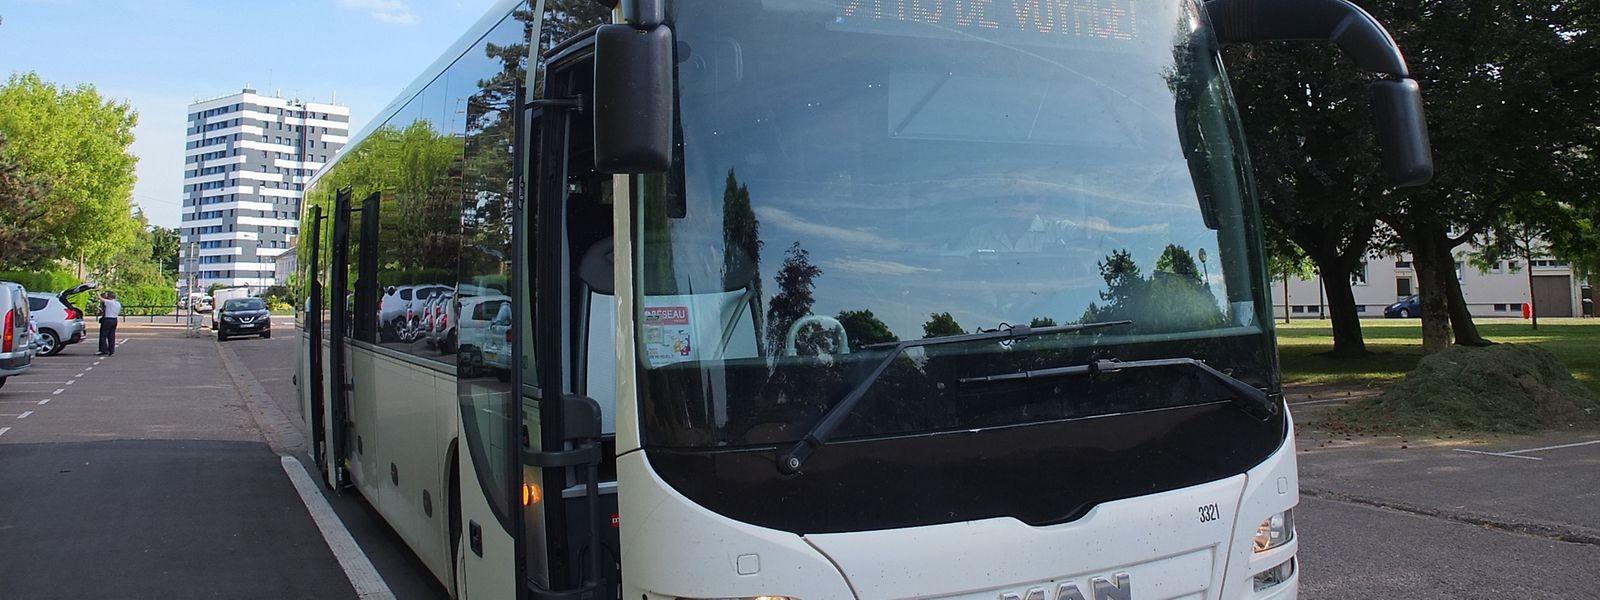 «Ce bus ne prend pas de voyageurs»: le 302, à l'arrêt Thionville Saint-François, le 31 mai.